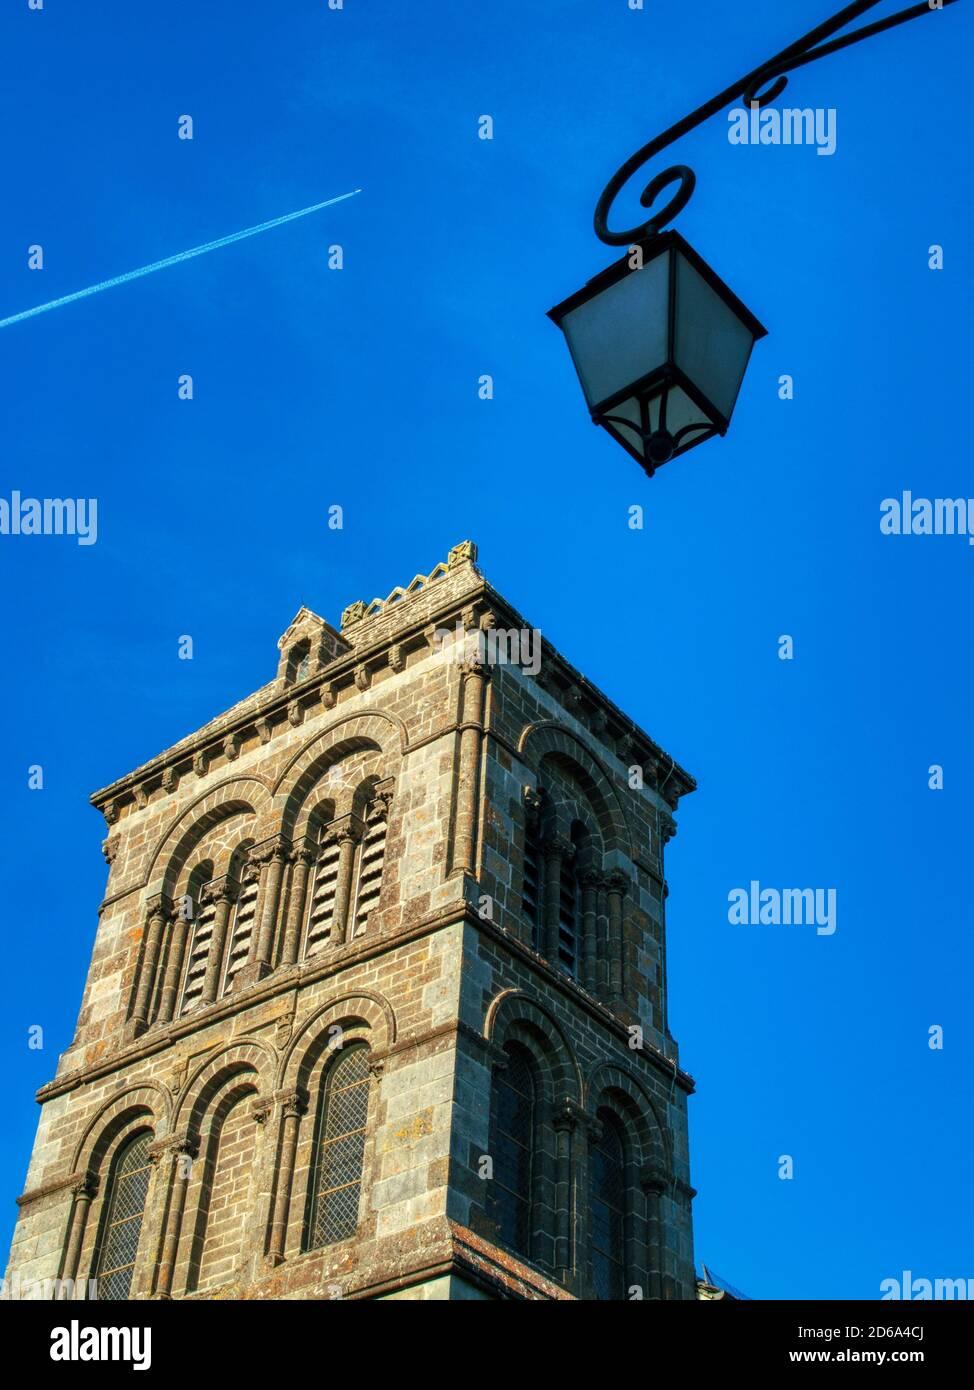 lámpara de calle y tren de chorro, Salers, Departamento de Cantal, región de Auvernia, Francia. Foto de stock